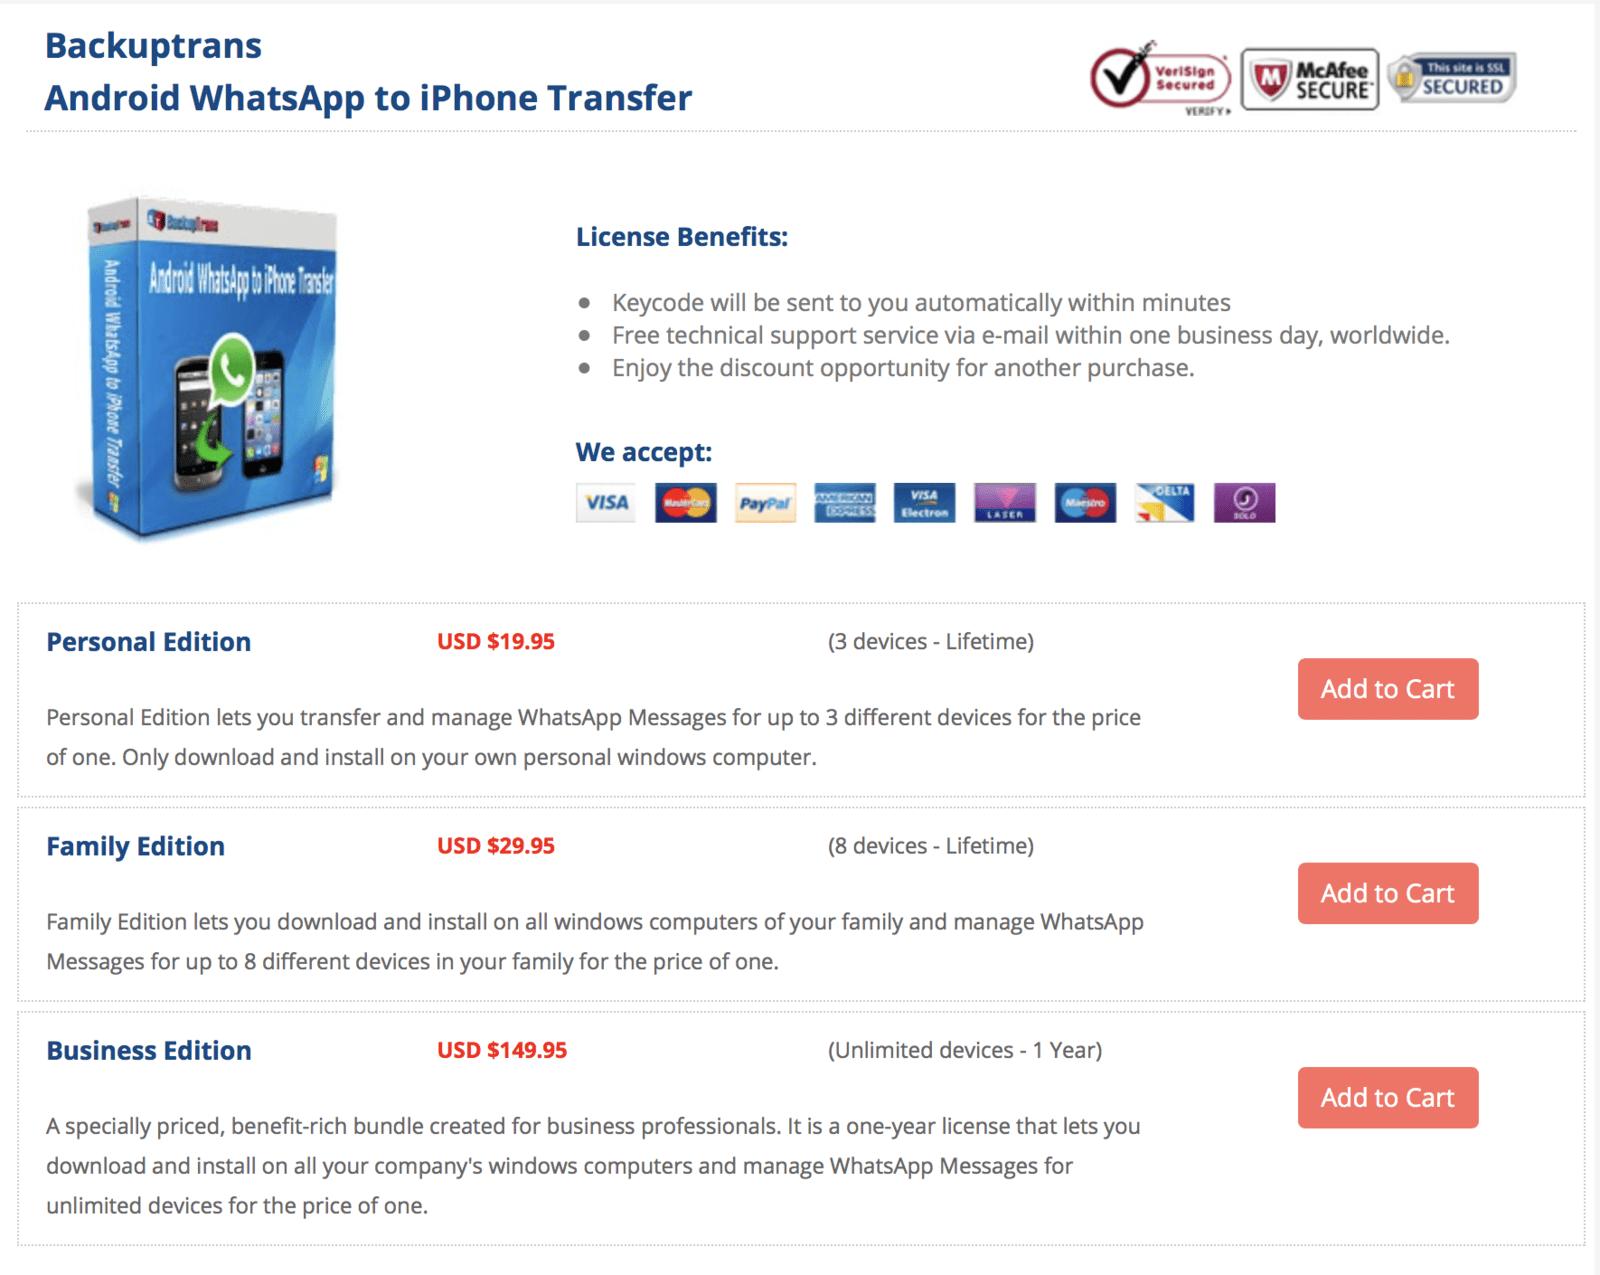 【教學】 WhatsApp 搬機 : Android 轉 iPhone 對話紀錄轉移 2018 攻略 | 香港 unwire.hk 玩生活.樂科技